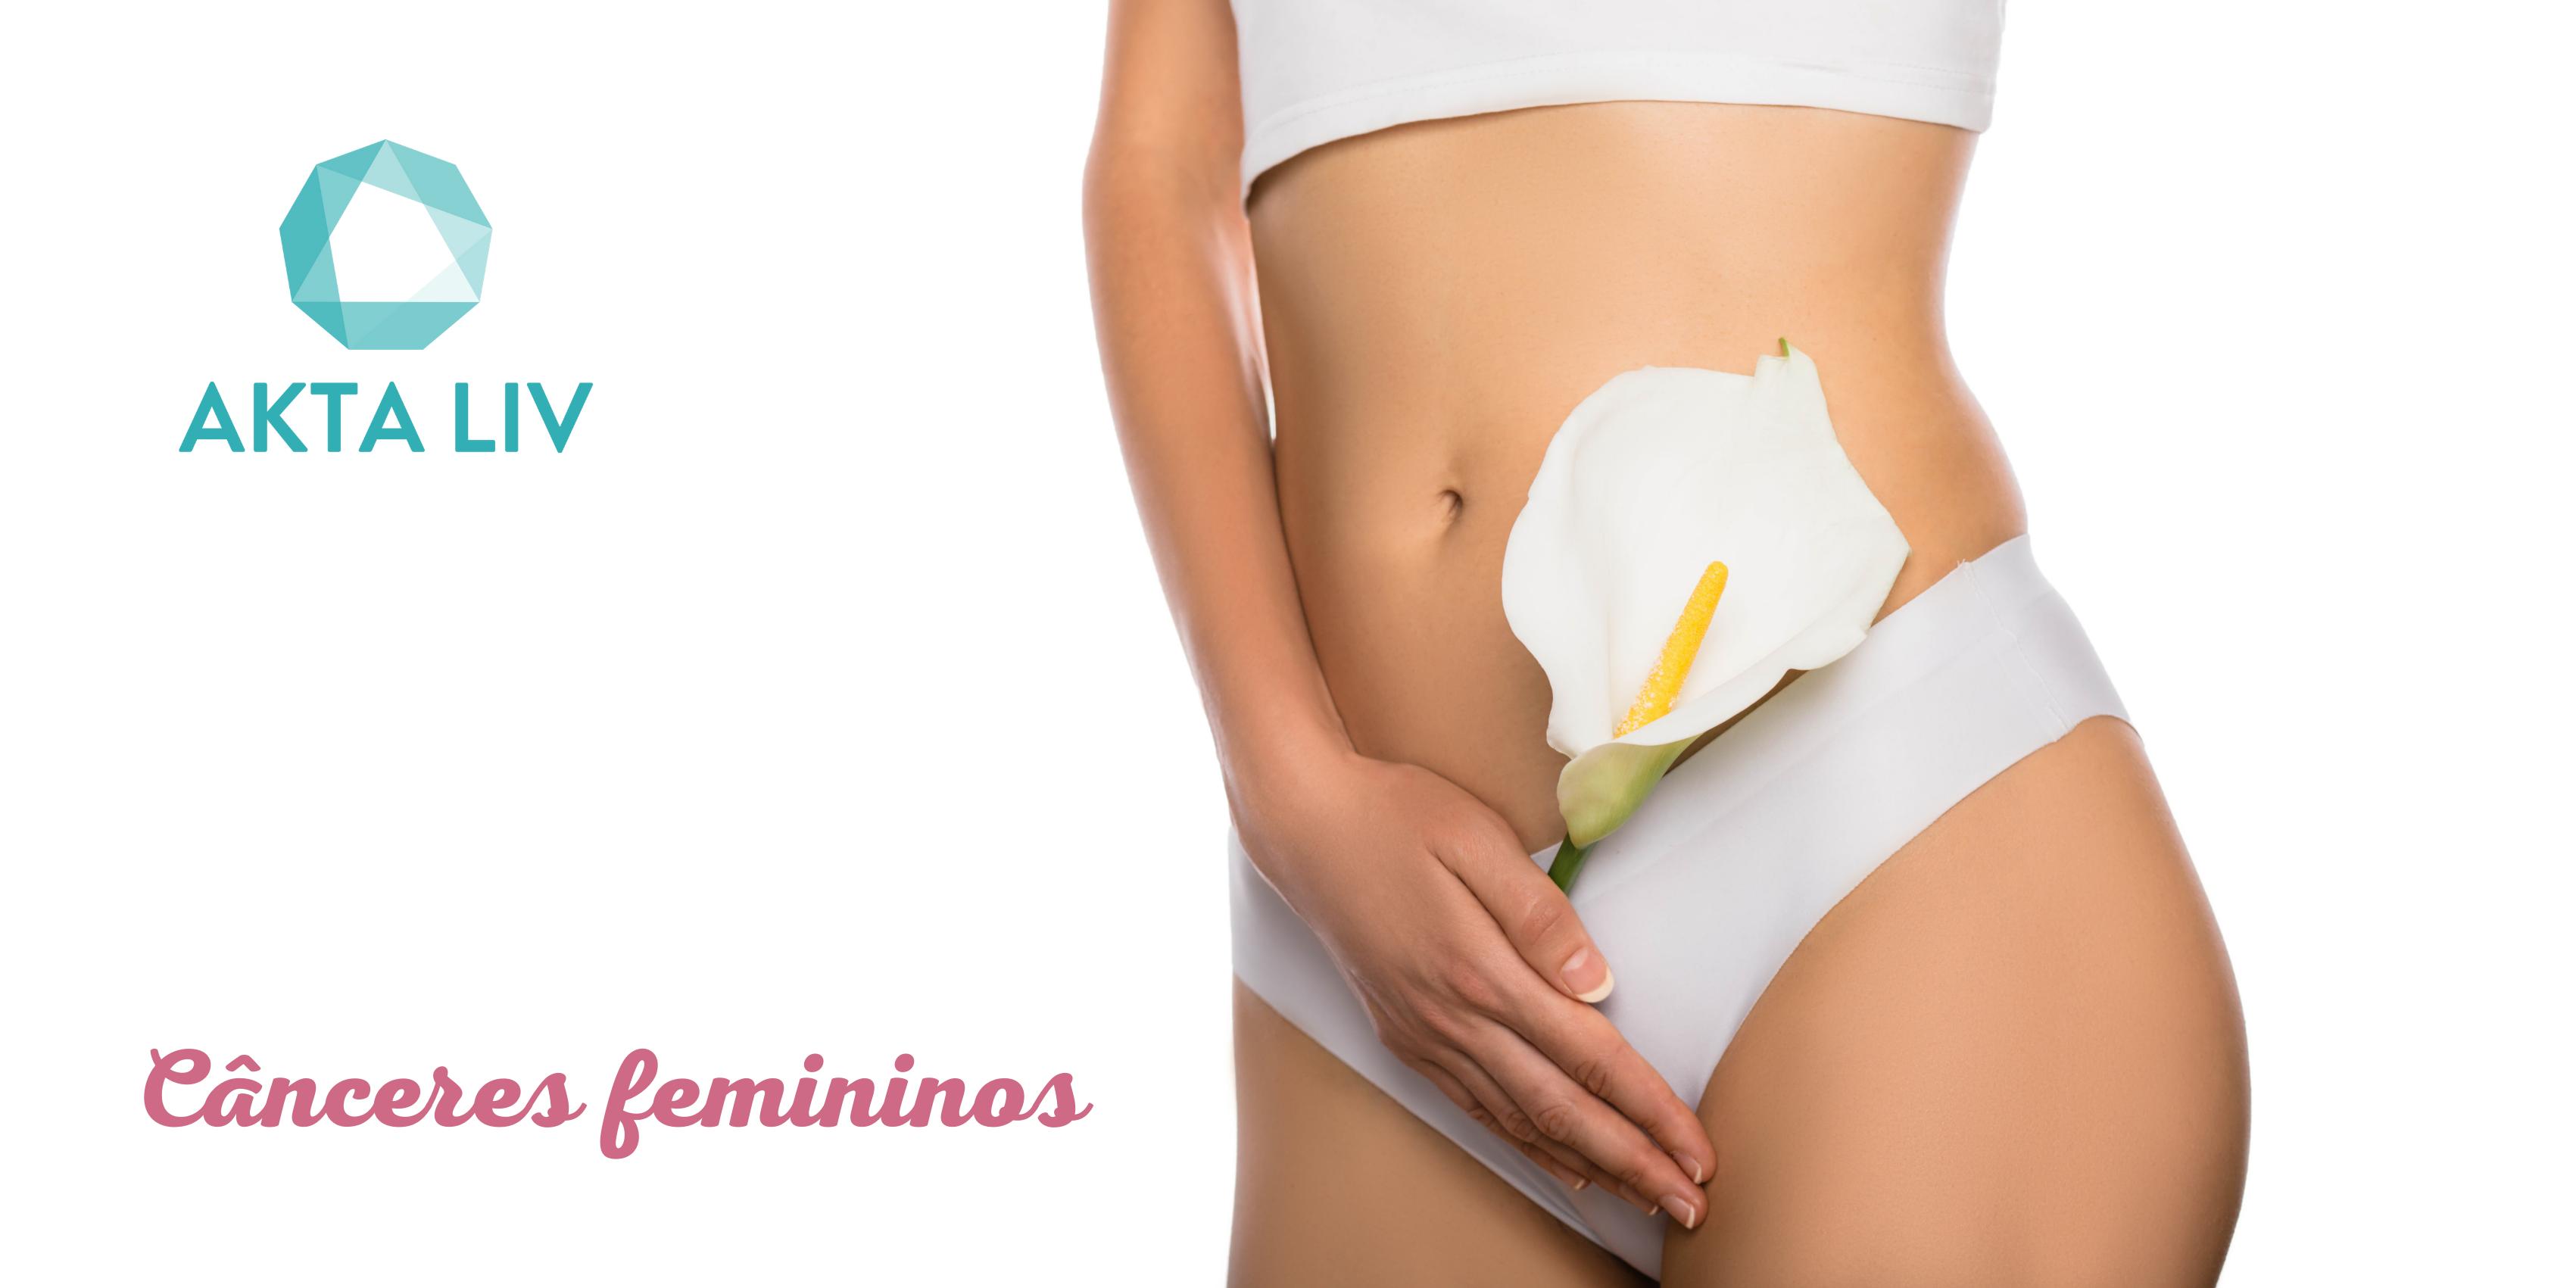 canceres ginecologicos - mastologista são paulo - akta liv - Cânceres femininos e cancer de mama